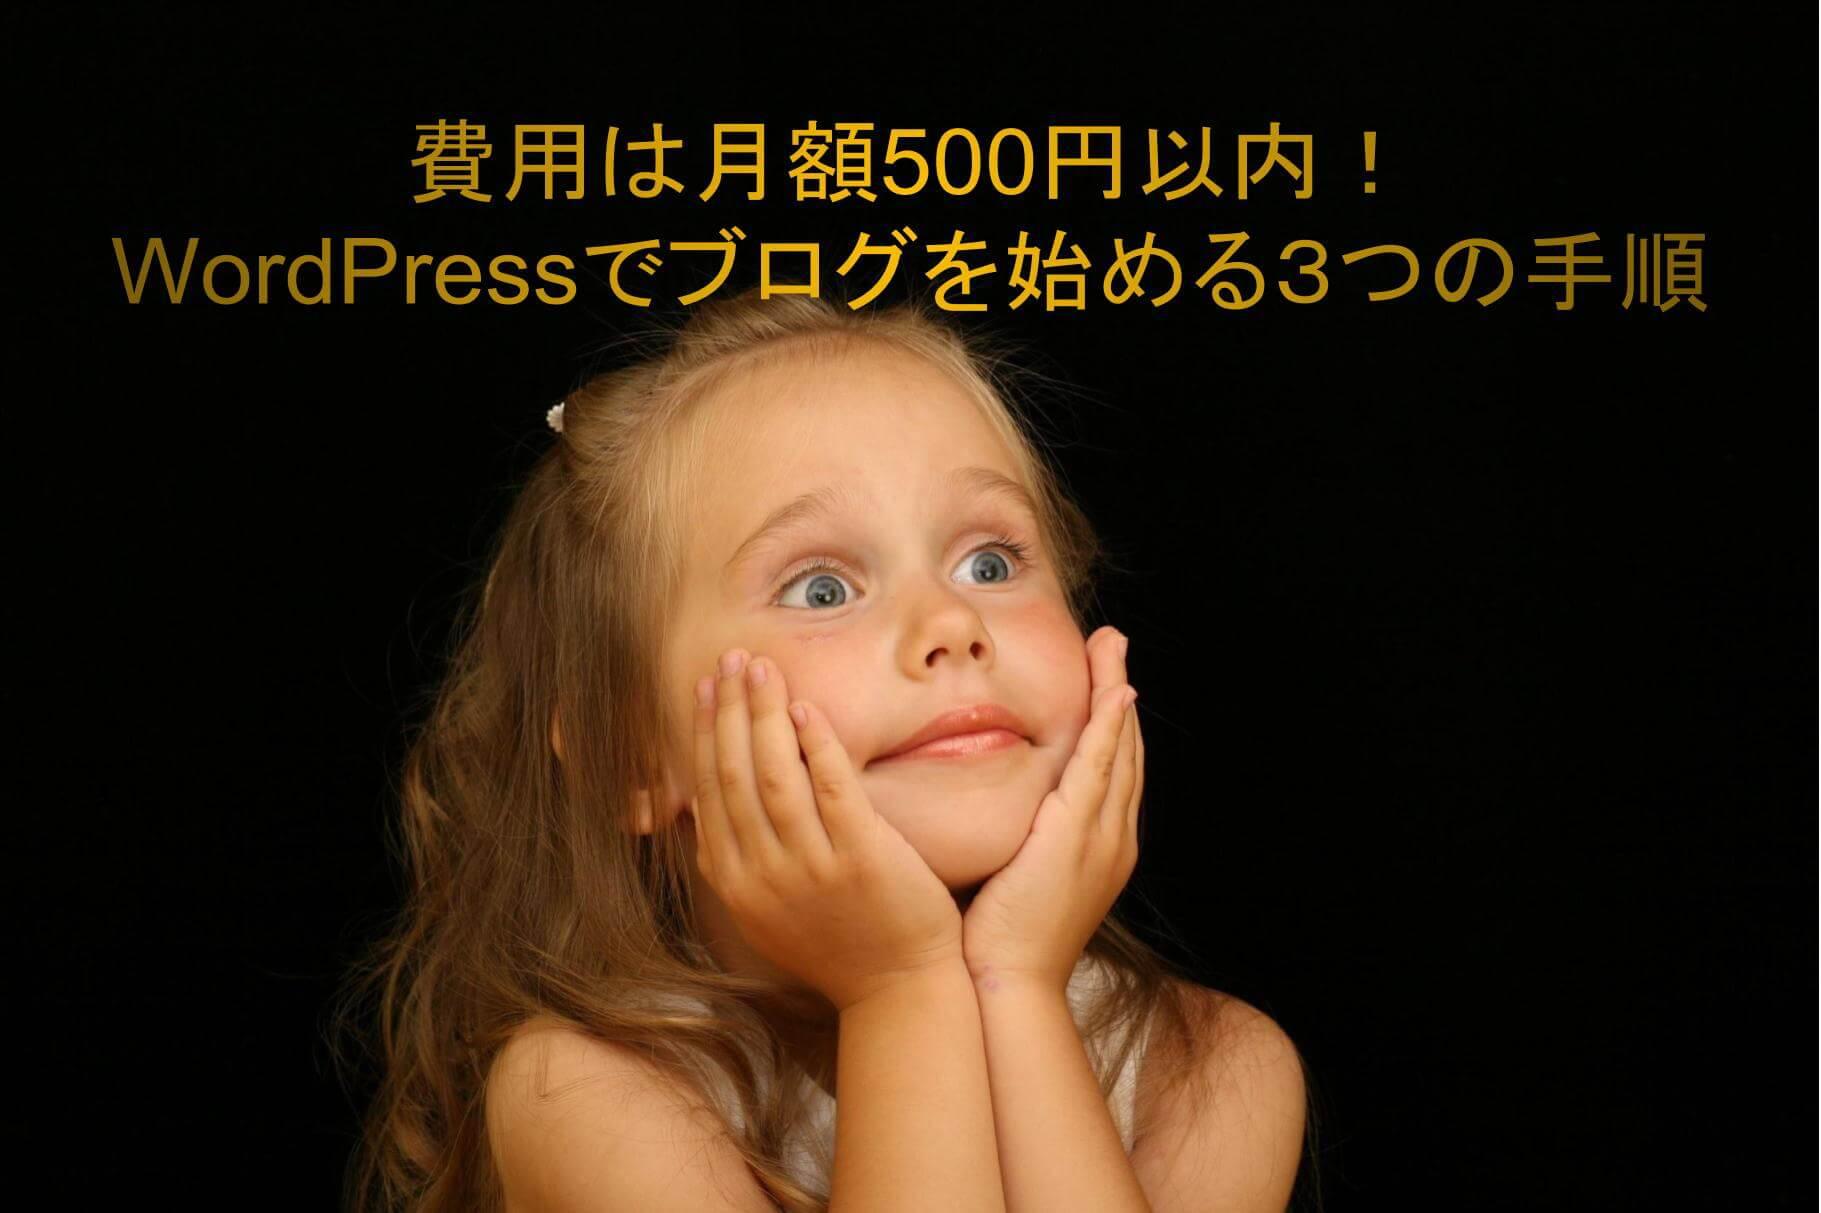 ときめく白人の女の子 テキスト「費用は月額500円以内! WordPressでブログを始める3つの手順」